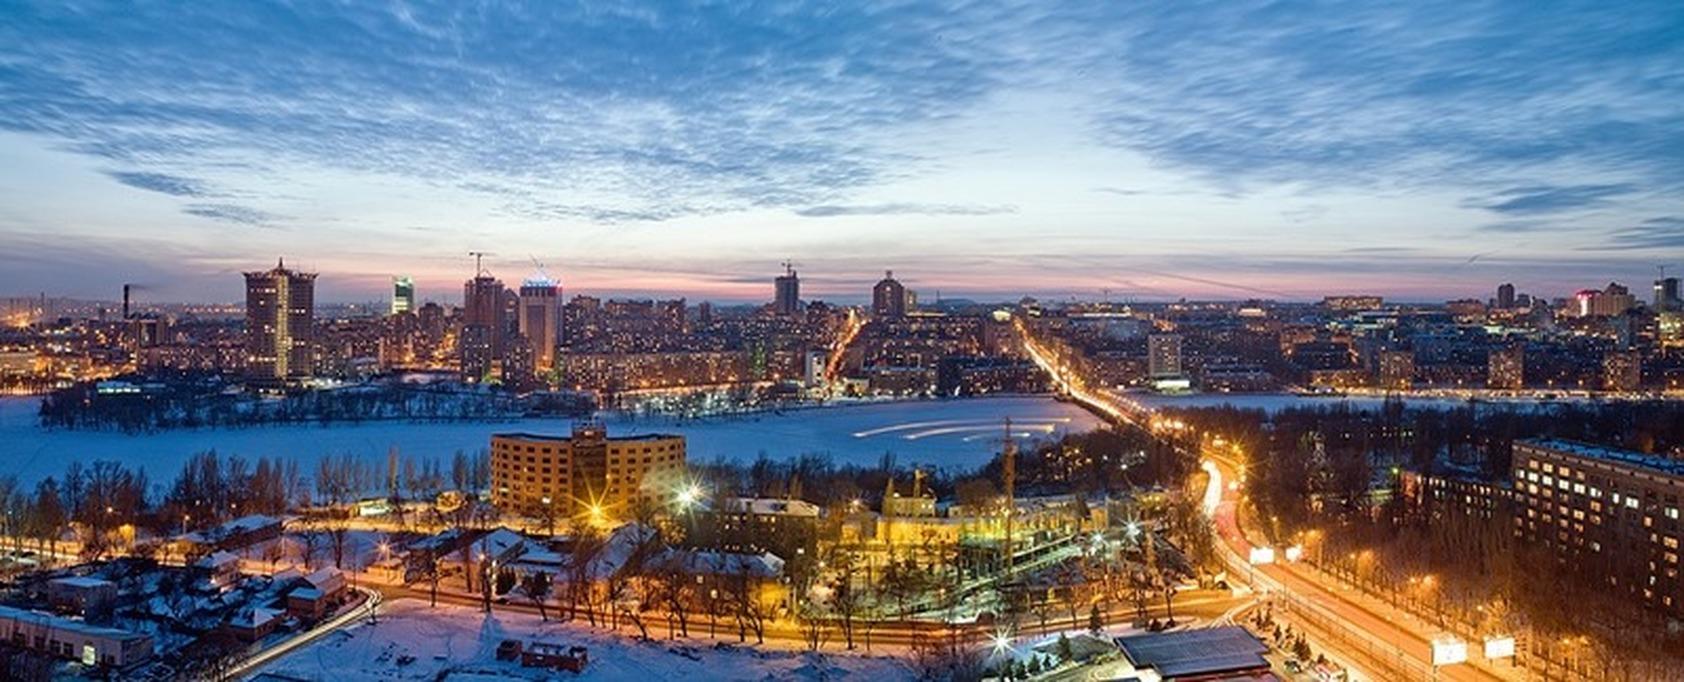 Ситуация в Донецке: новости, курс валют, цены на продукты 29.03.2016